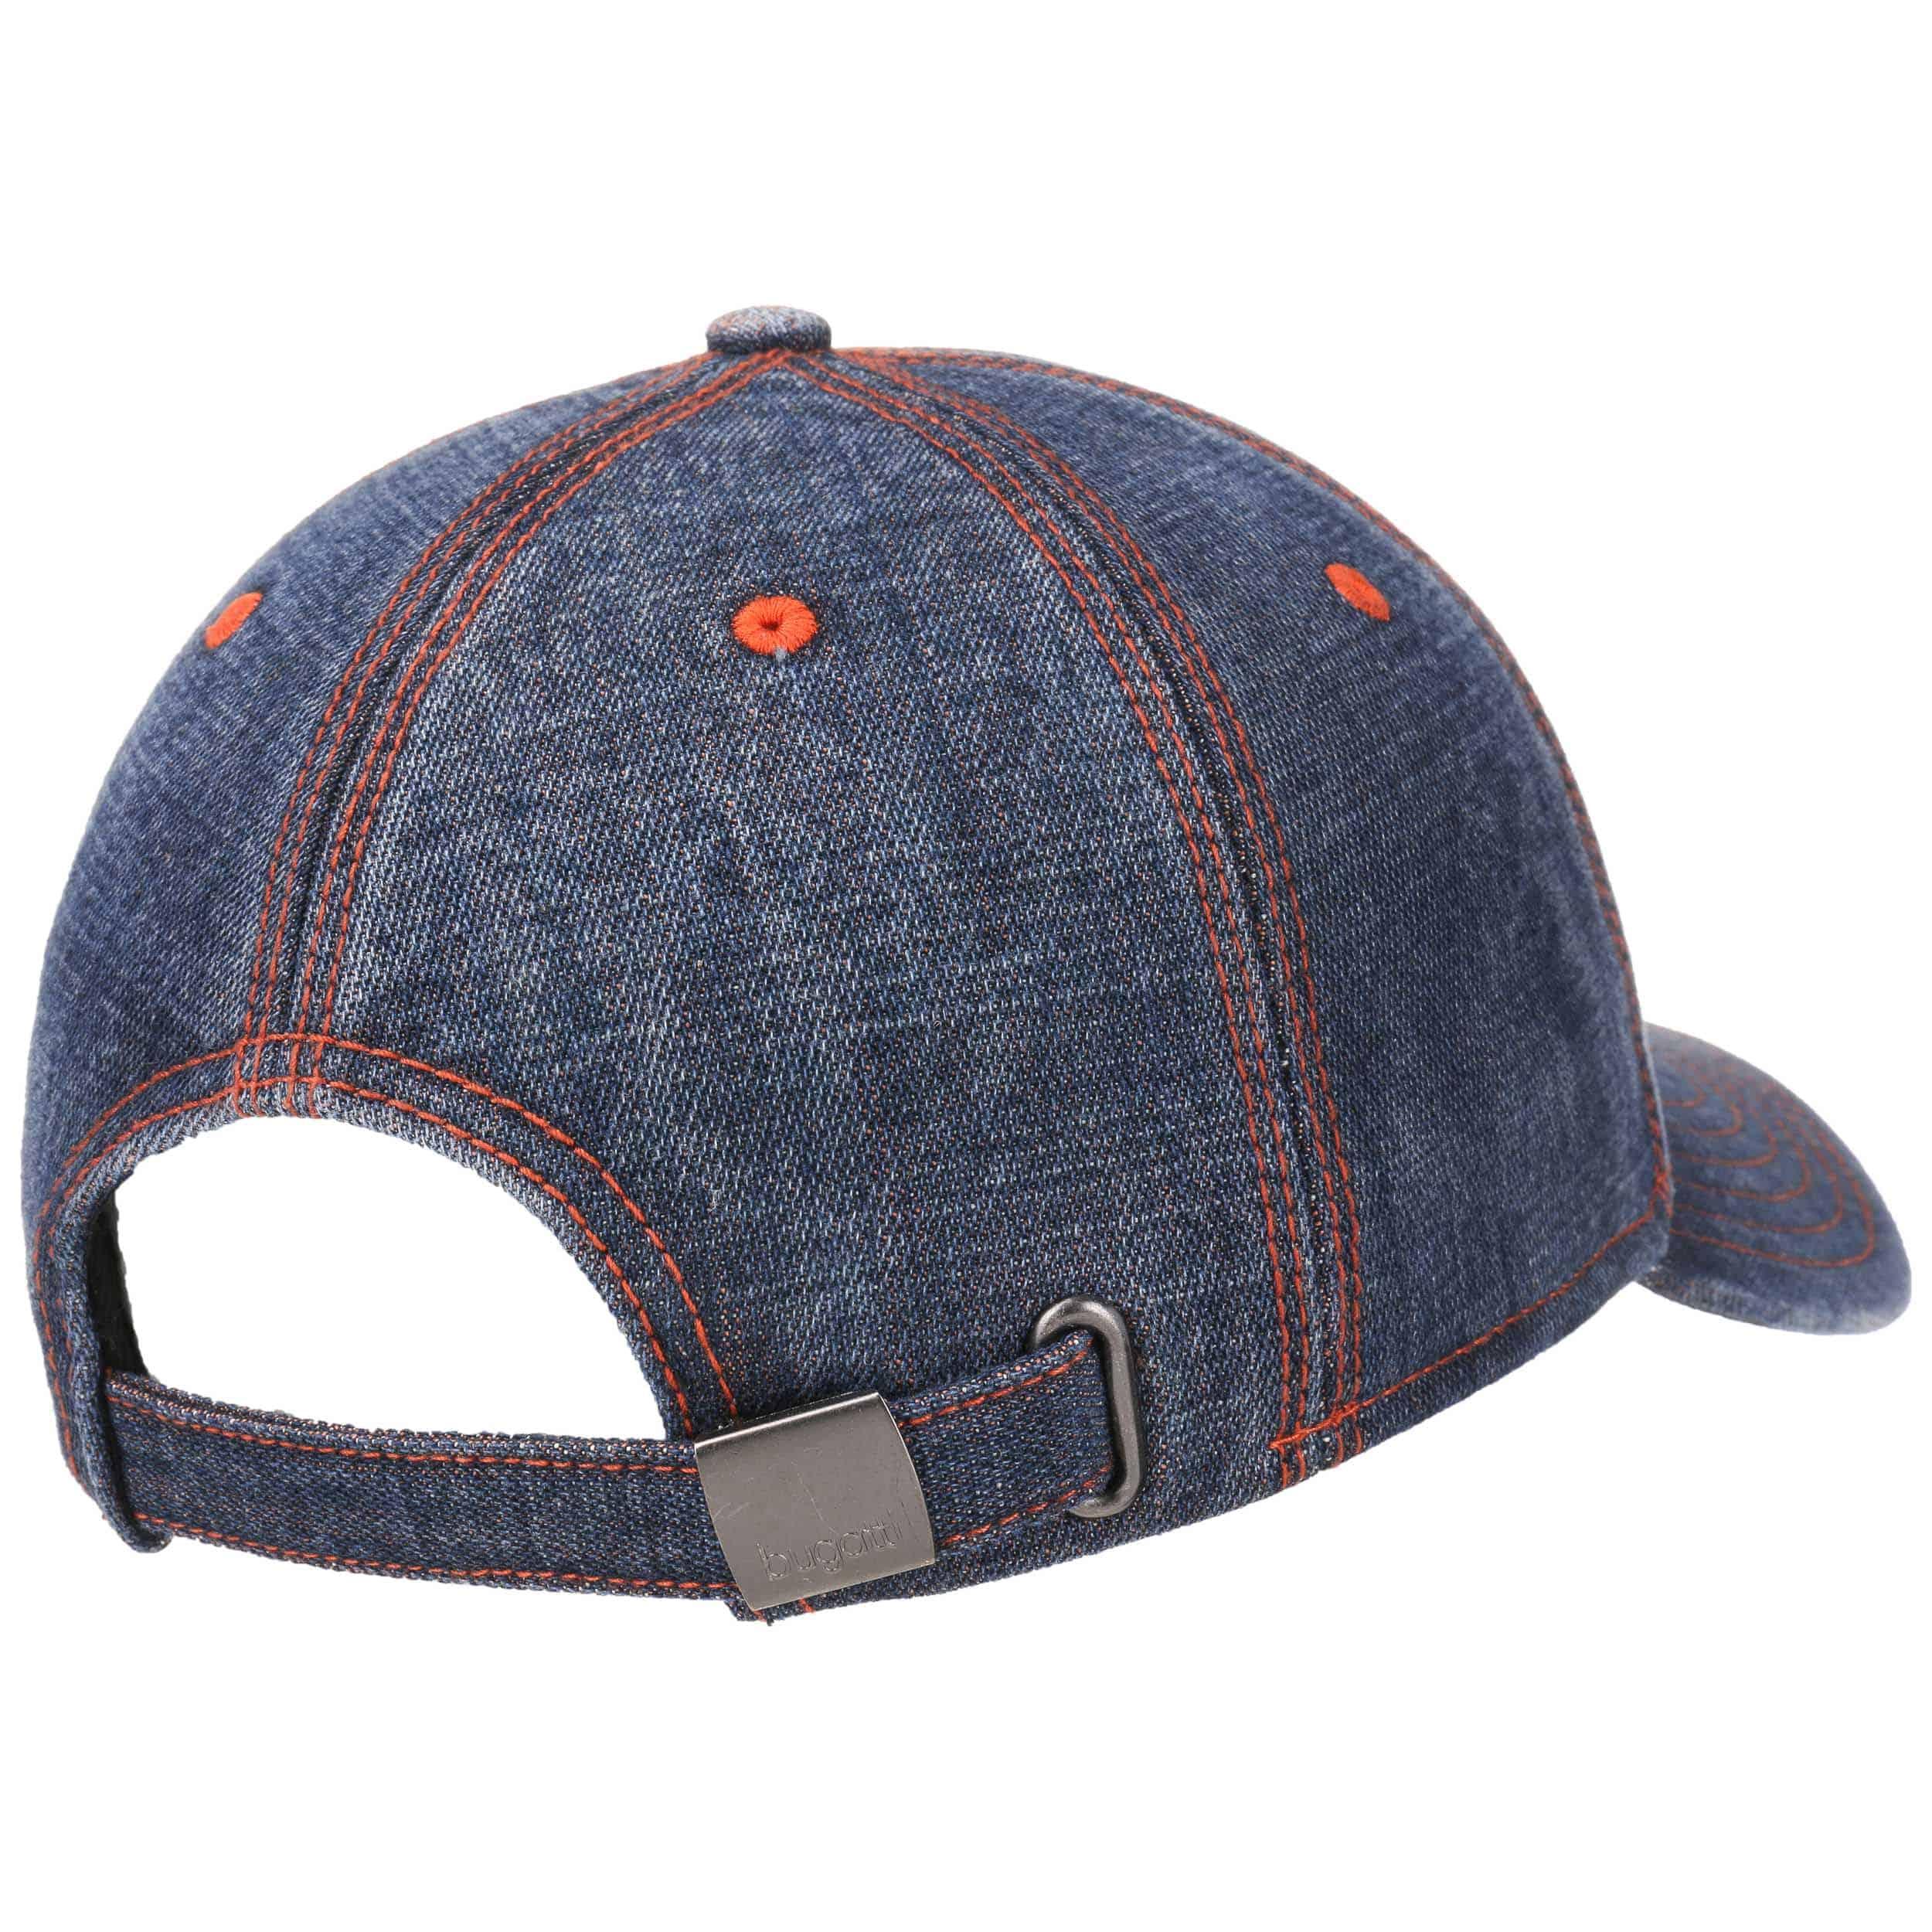 Jeans Contrast Stitch Cap by bugatti, EUR 39,95 --> Hats ...  Stitch